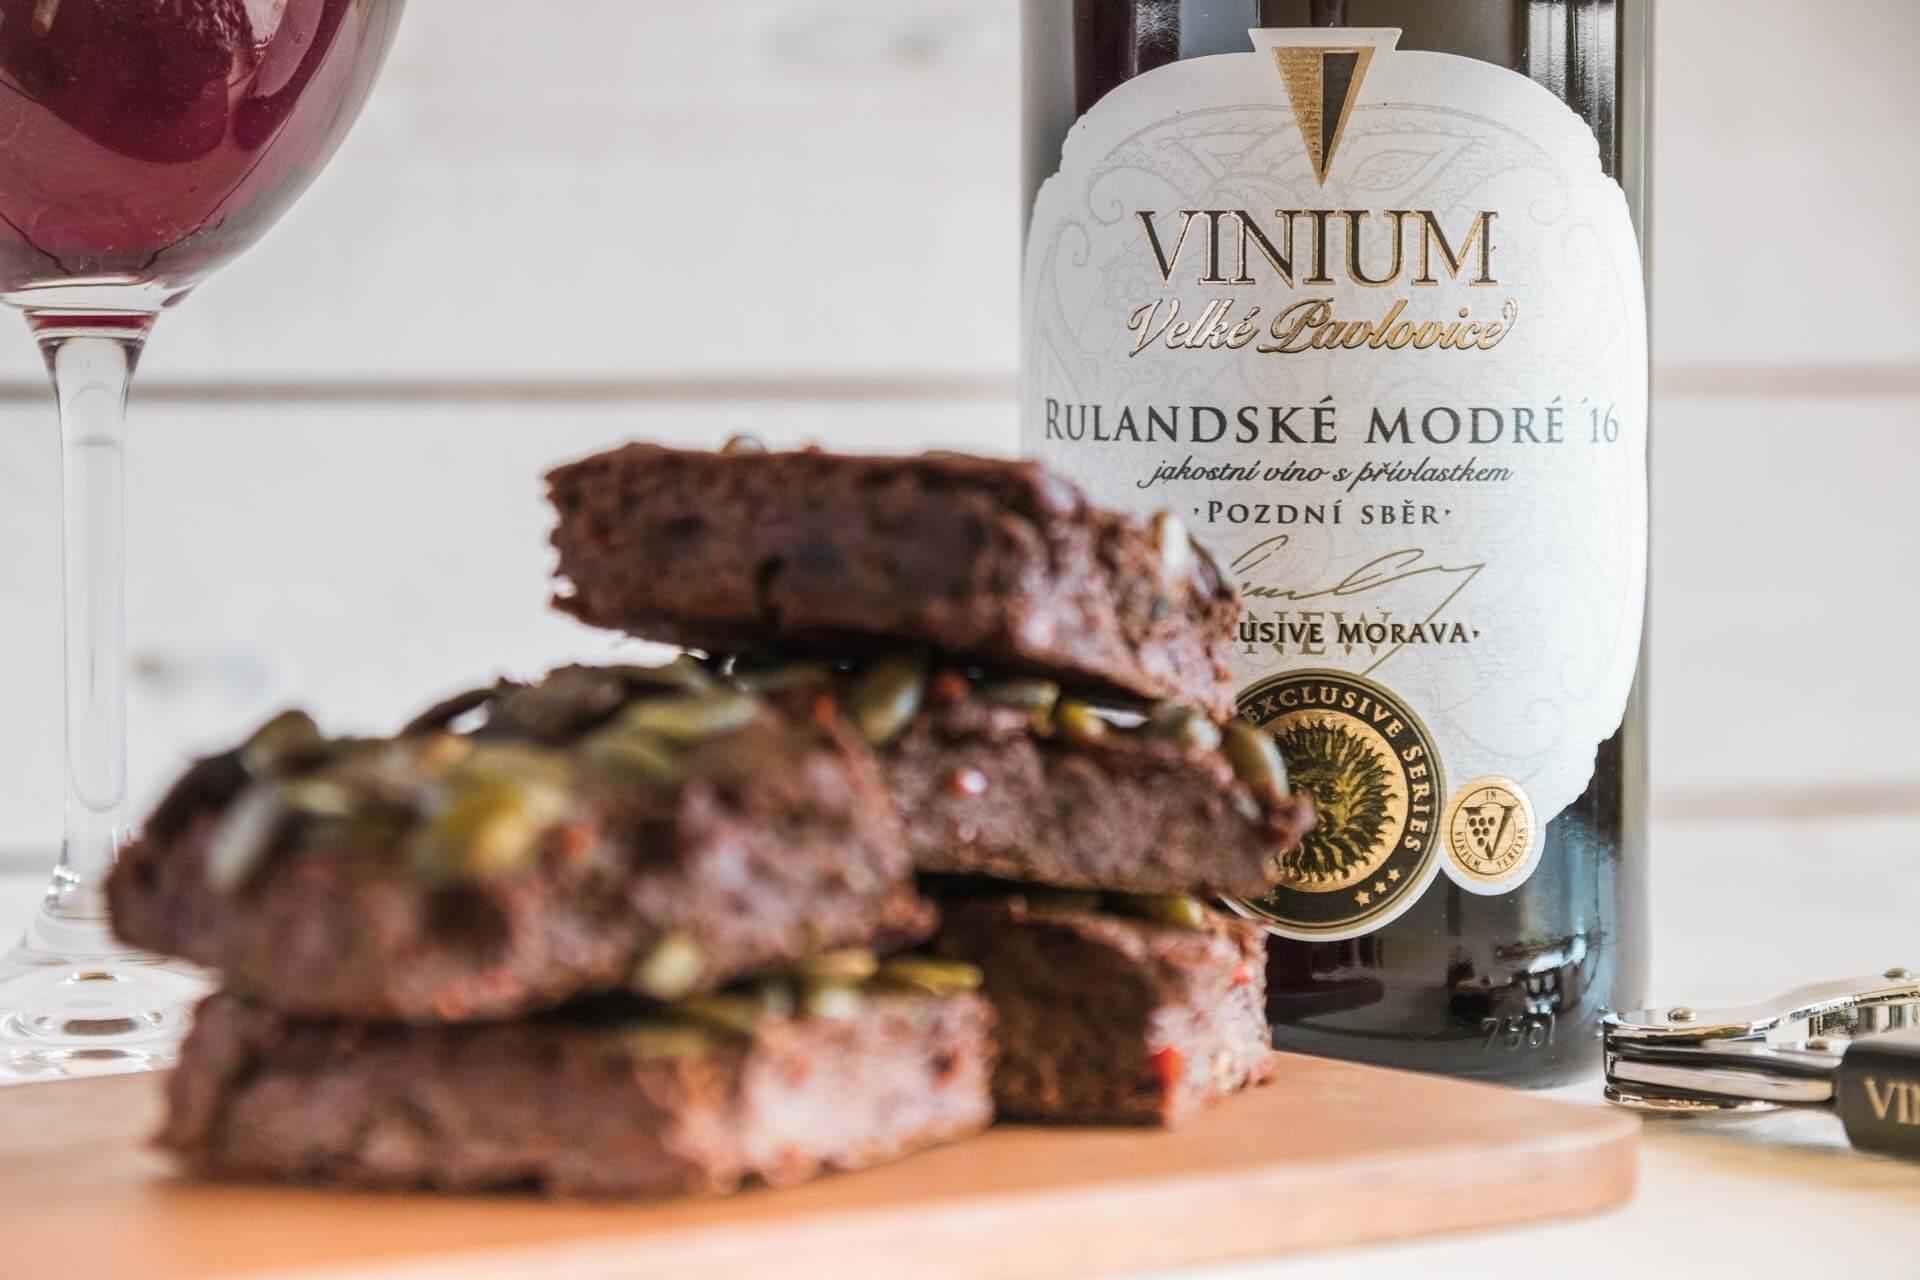 Foto k článku 2, Dýňové brownies, recept brownies, Rulandské modré – VINIUM Velké Pavlovice